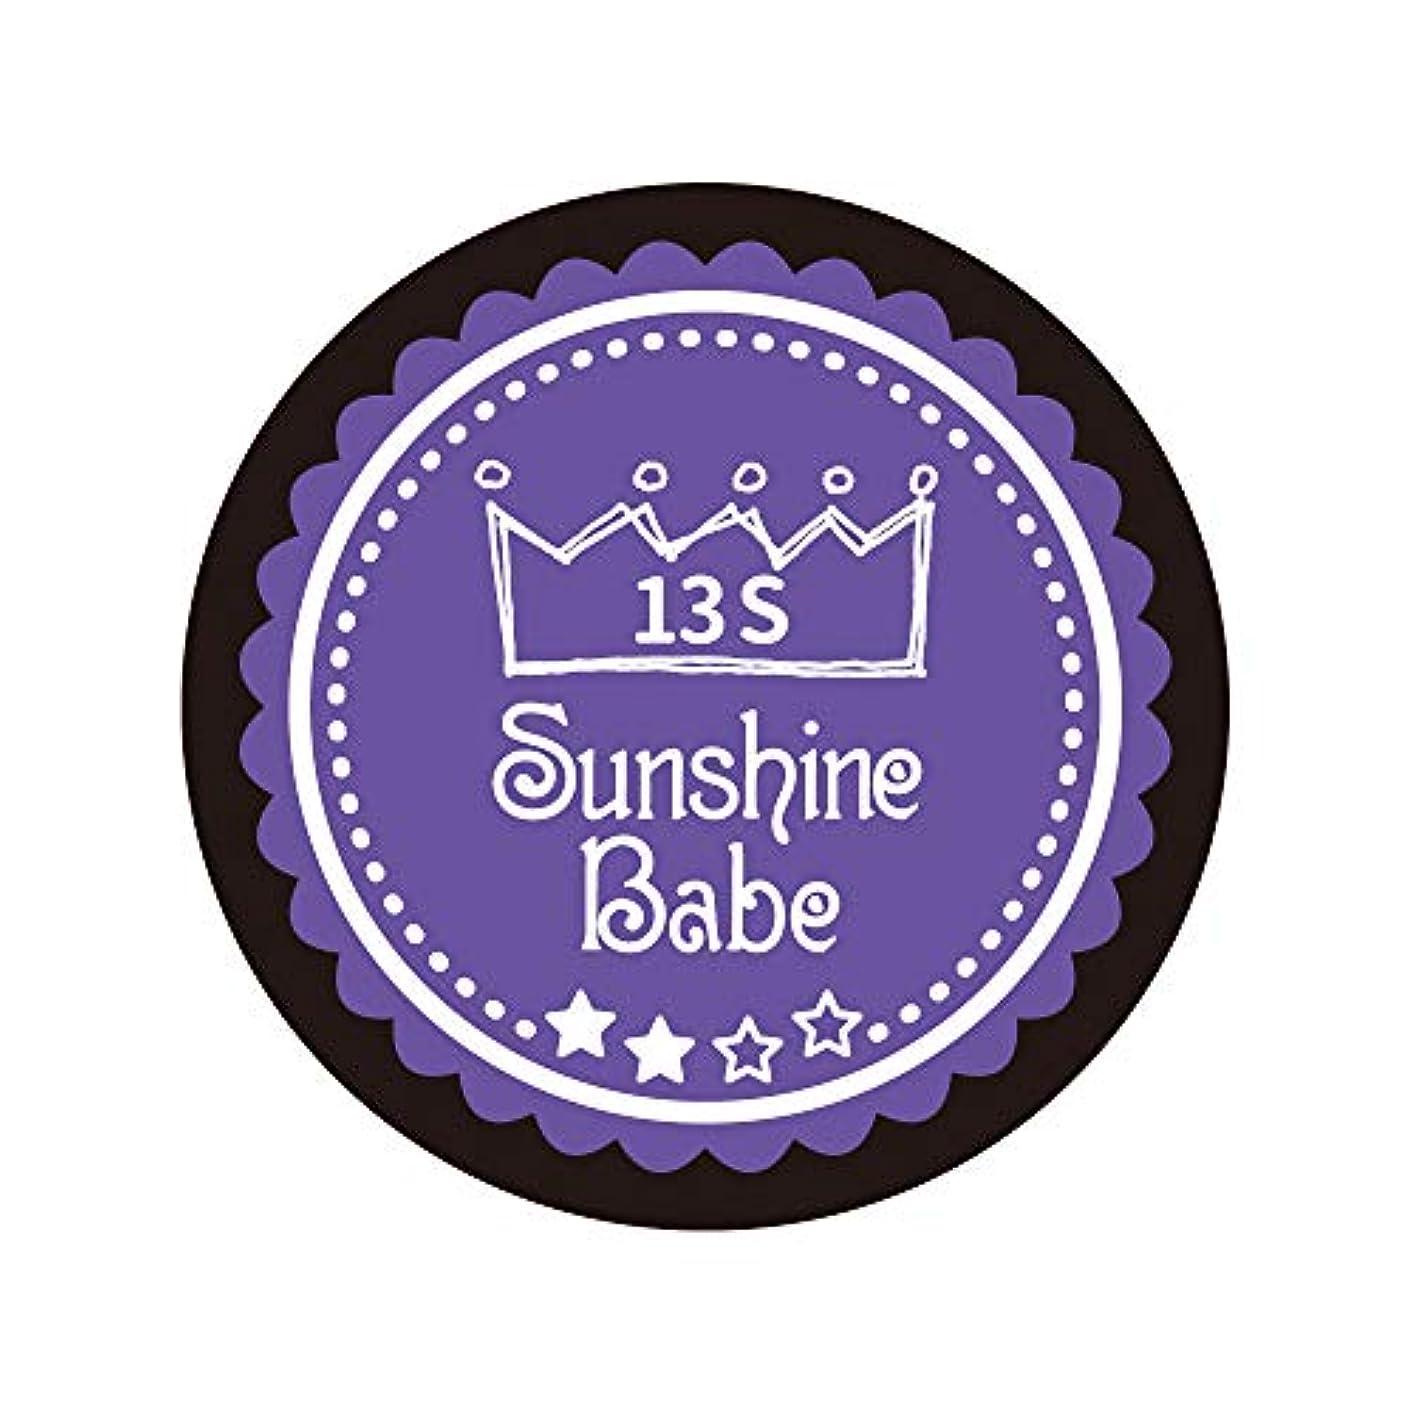 封筒アジテーション利得Sunshine Babe コスメティックカラー 13S ウルトラバイオレット 4g UV/LED対応